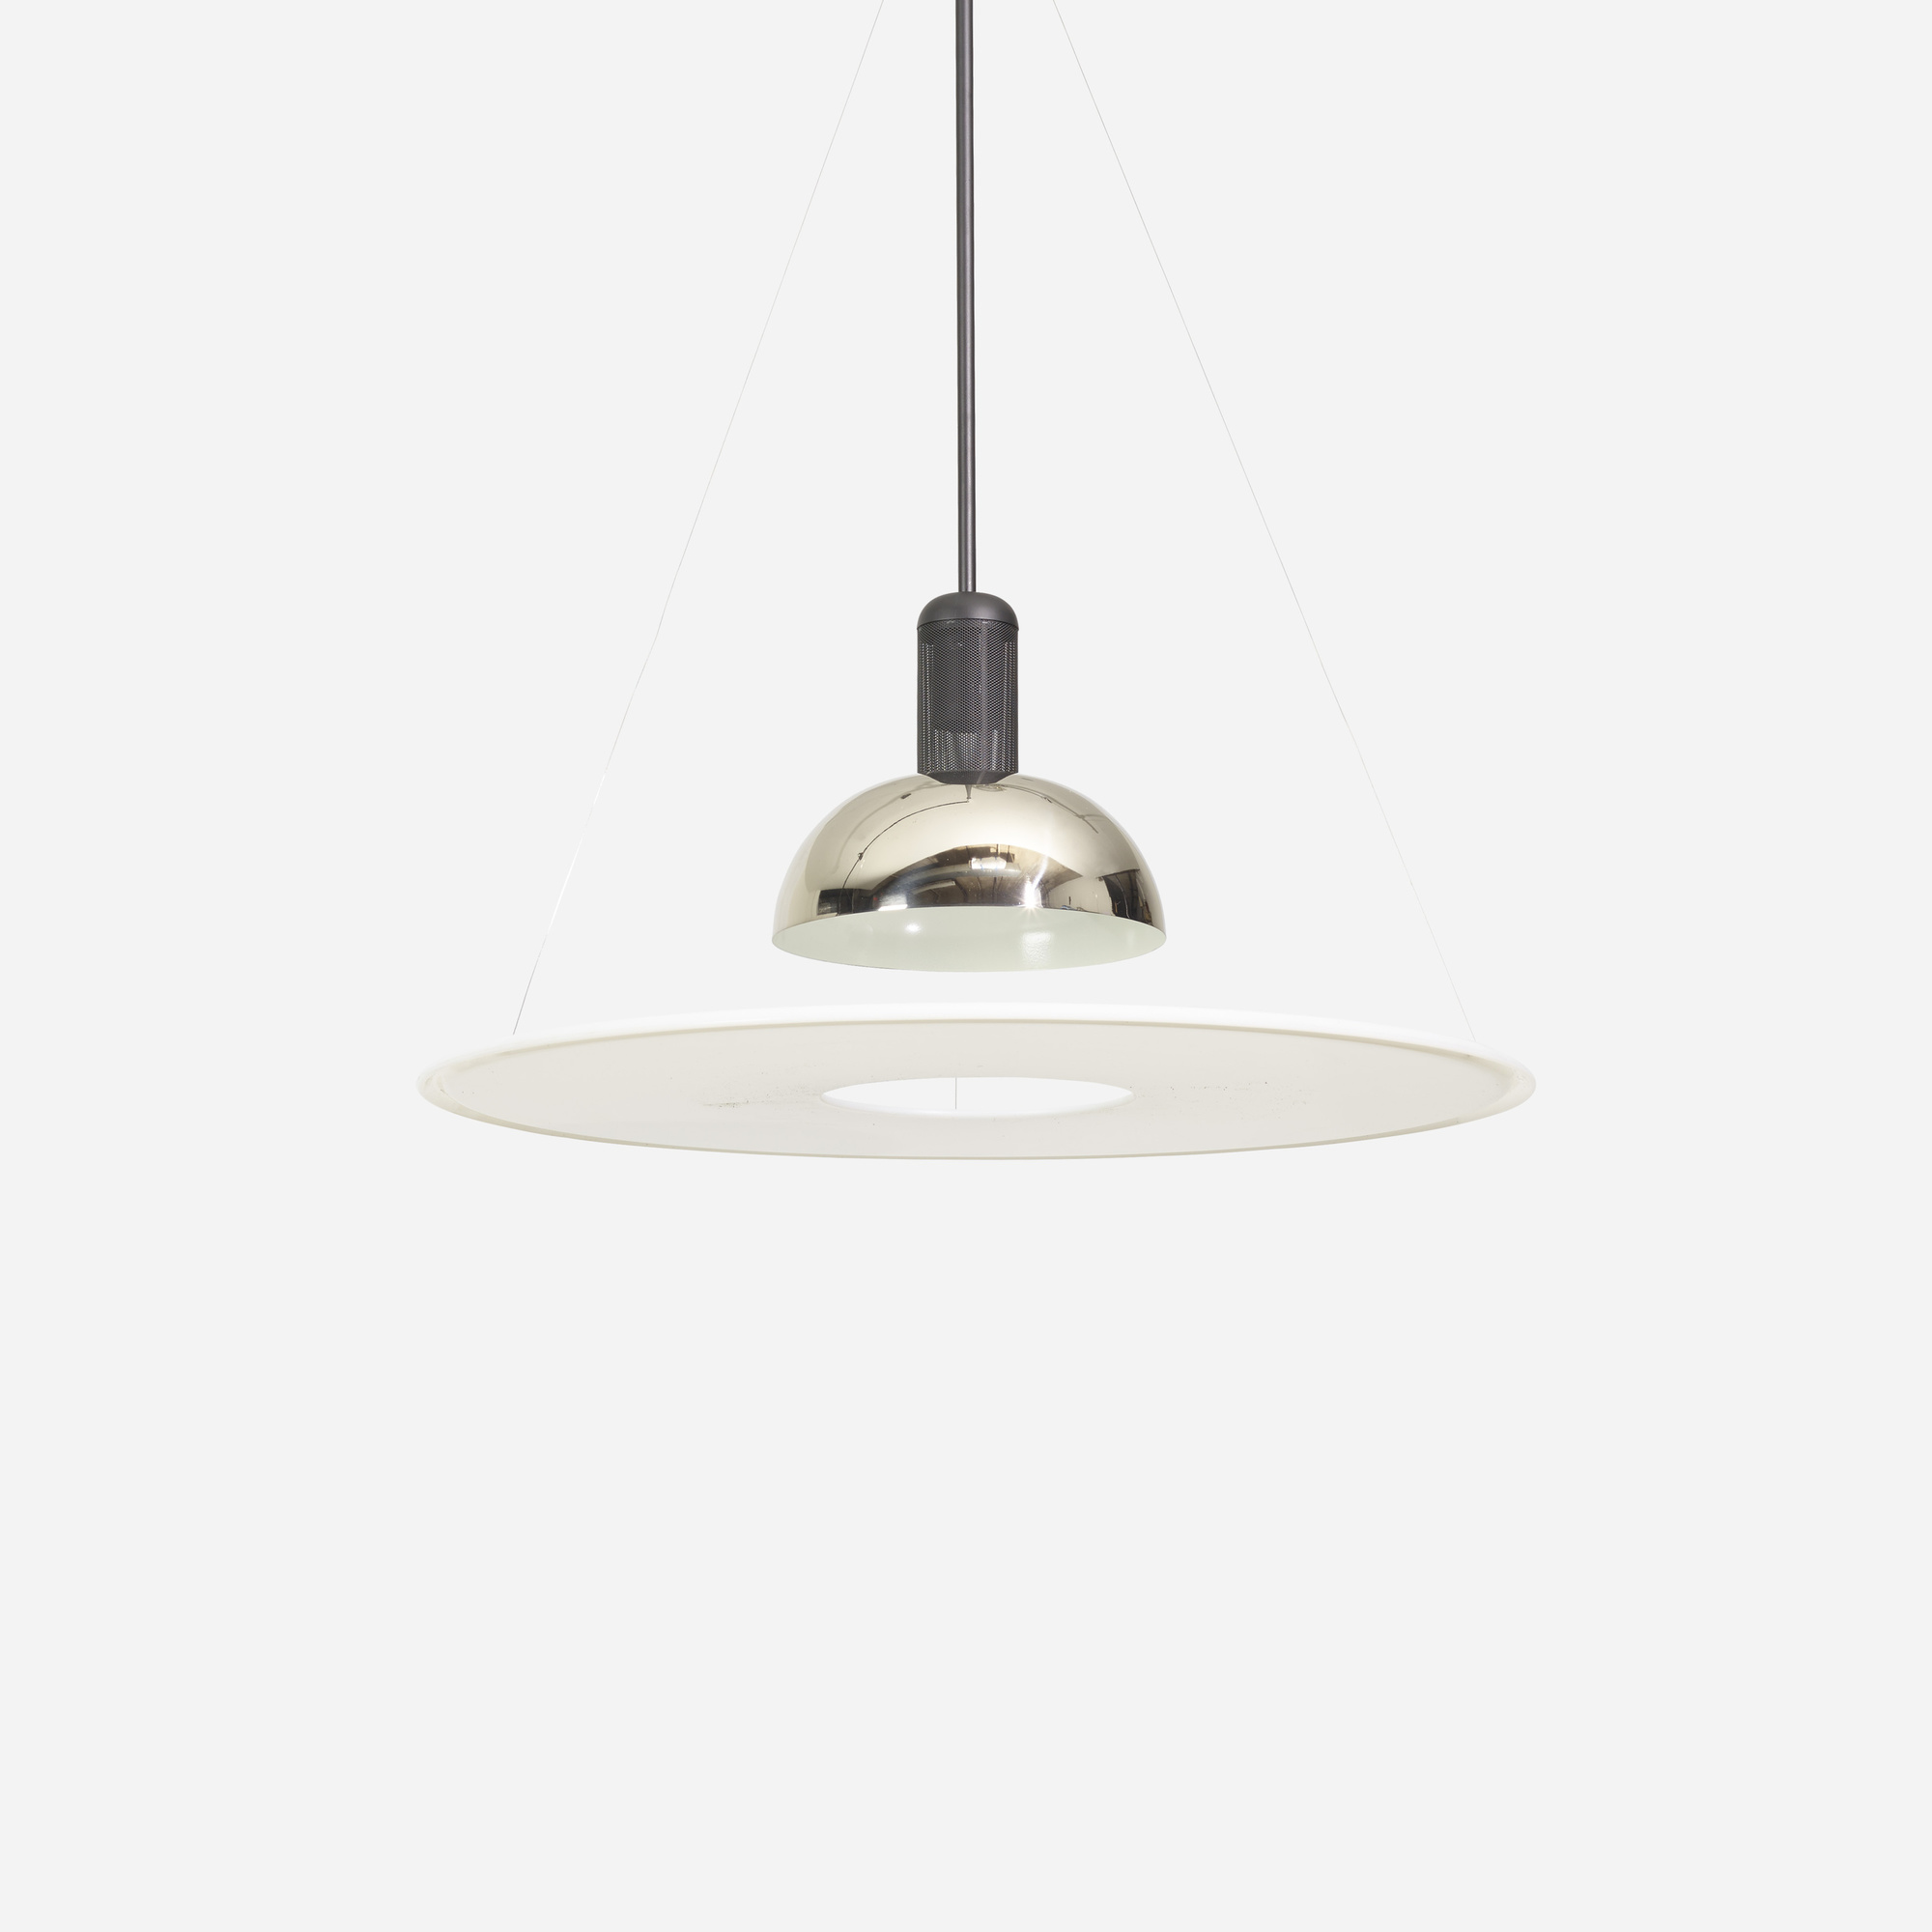 360: Achille Castiglioni / Frisbi pendant lamp (1 of 1)